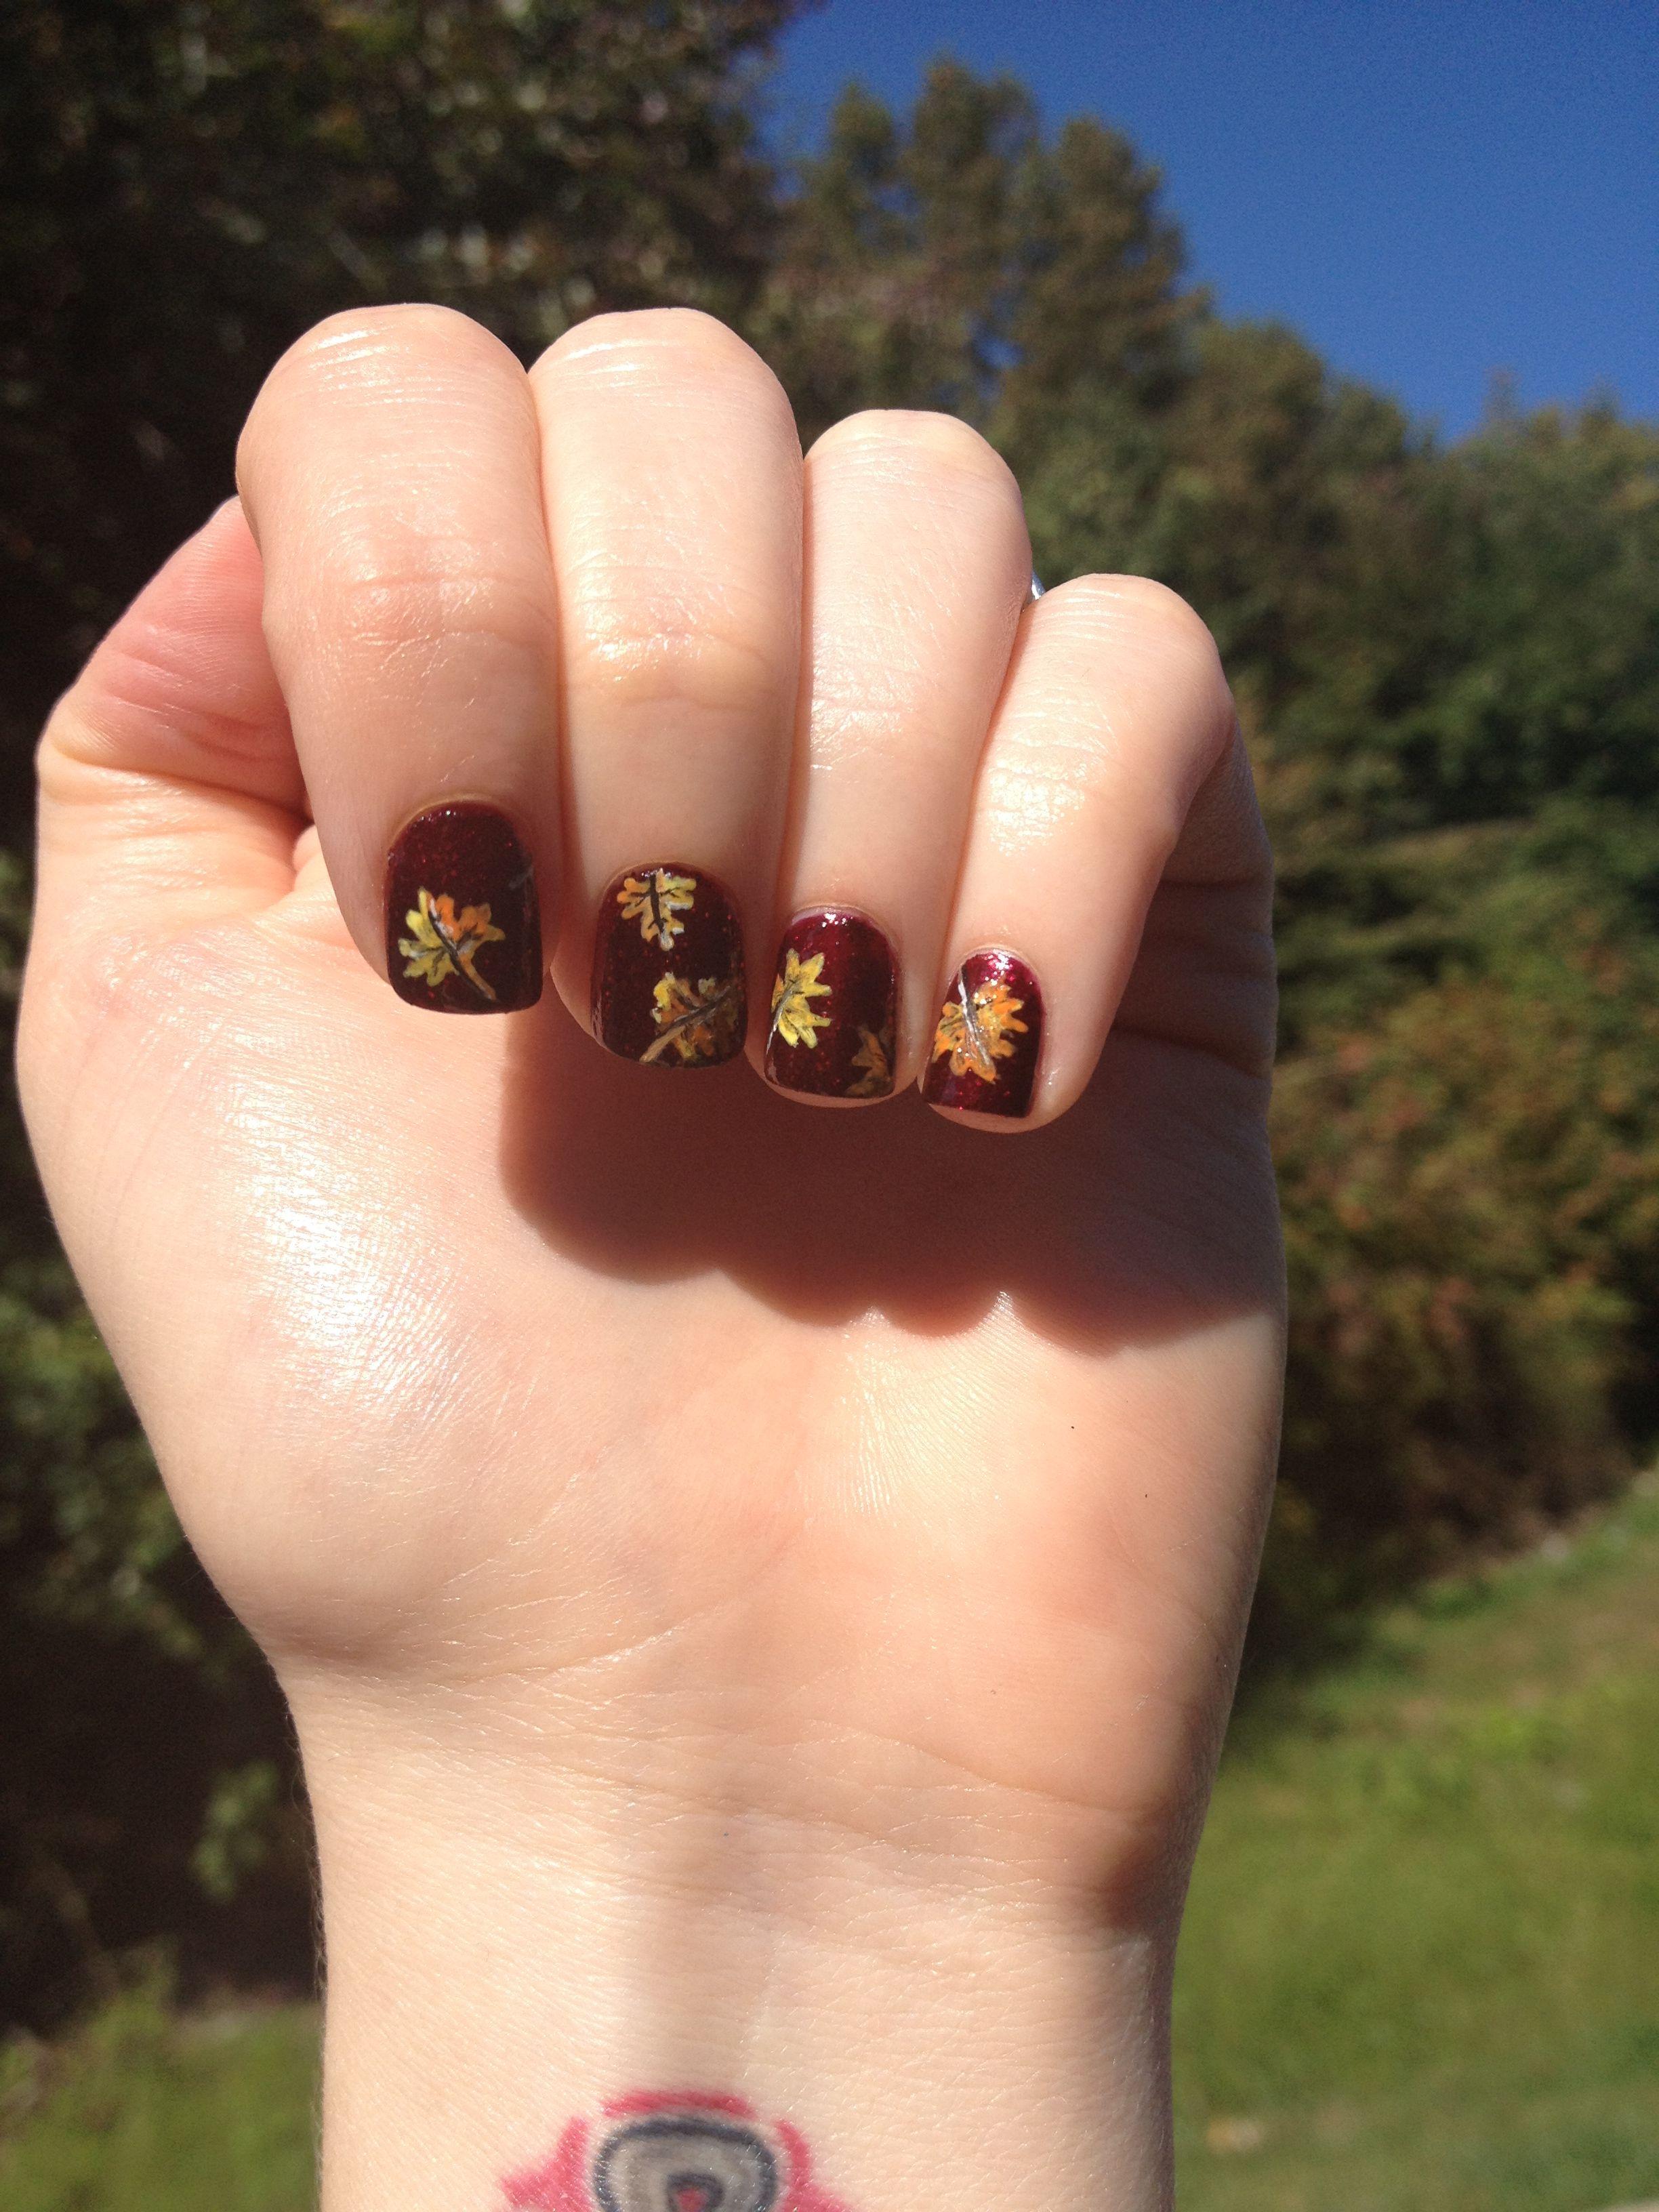 Nail Art By Alice At Sydneyalbert Salonspa In Princeton Nj Creative Nails Nail Art Nails